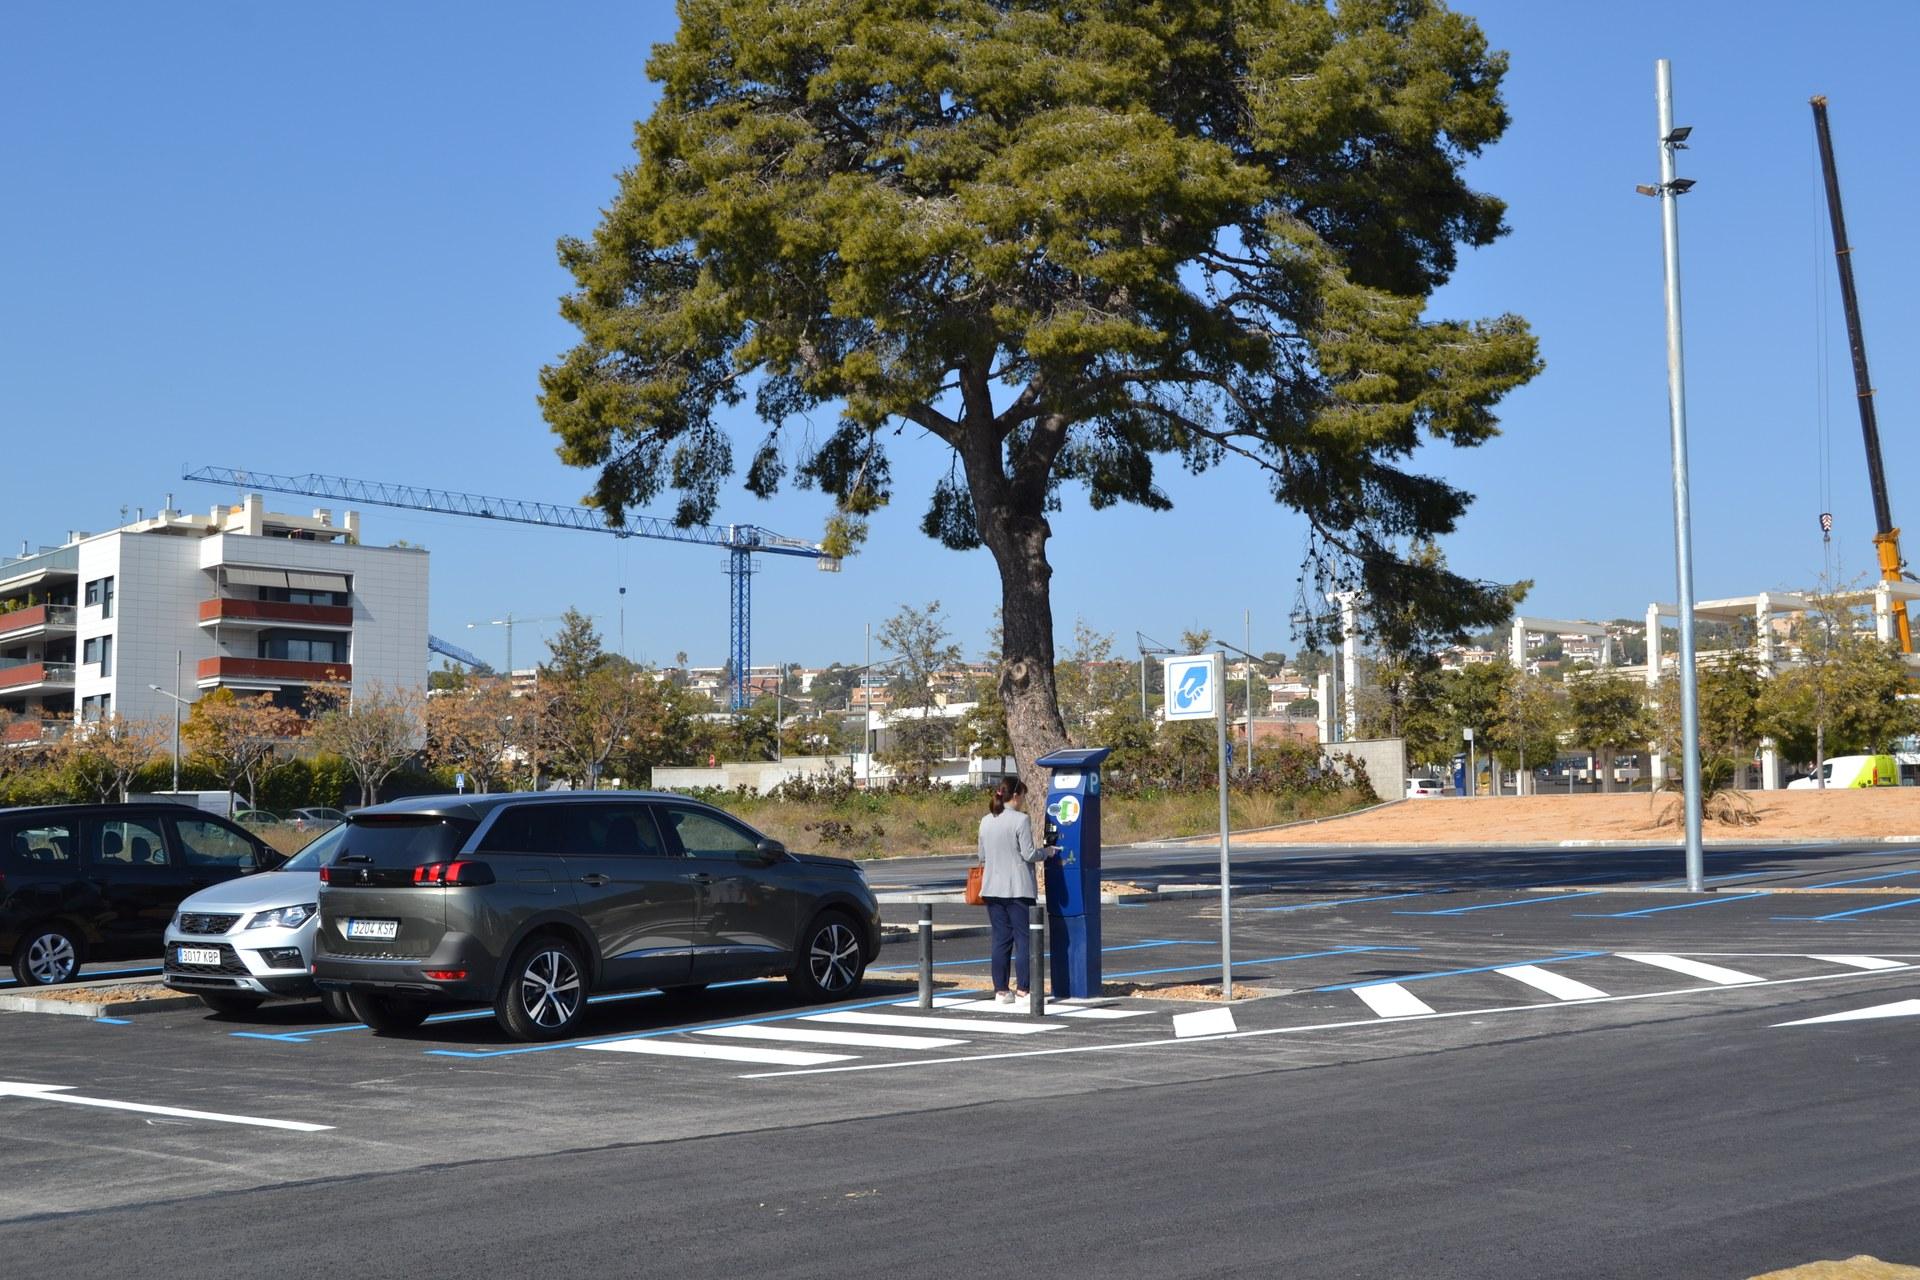 L'aparcament de Can Robert és gratuït, de dilluns a divendres, per als usuaris amb distintiu de resident